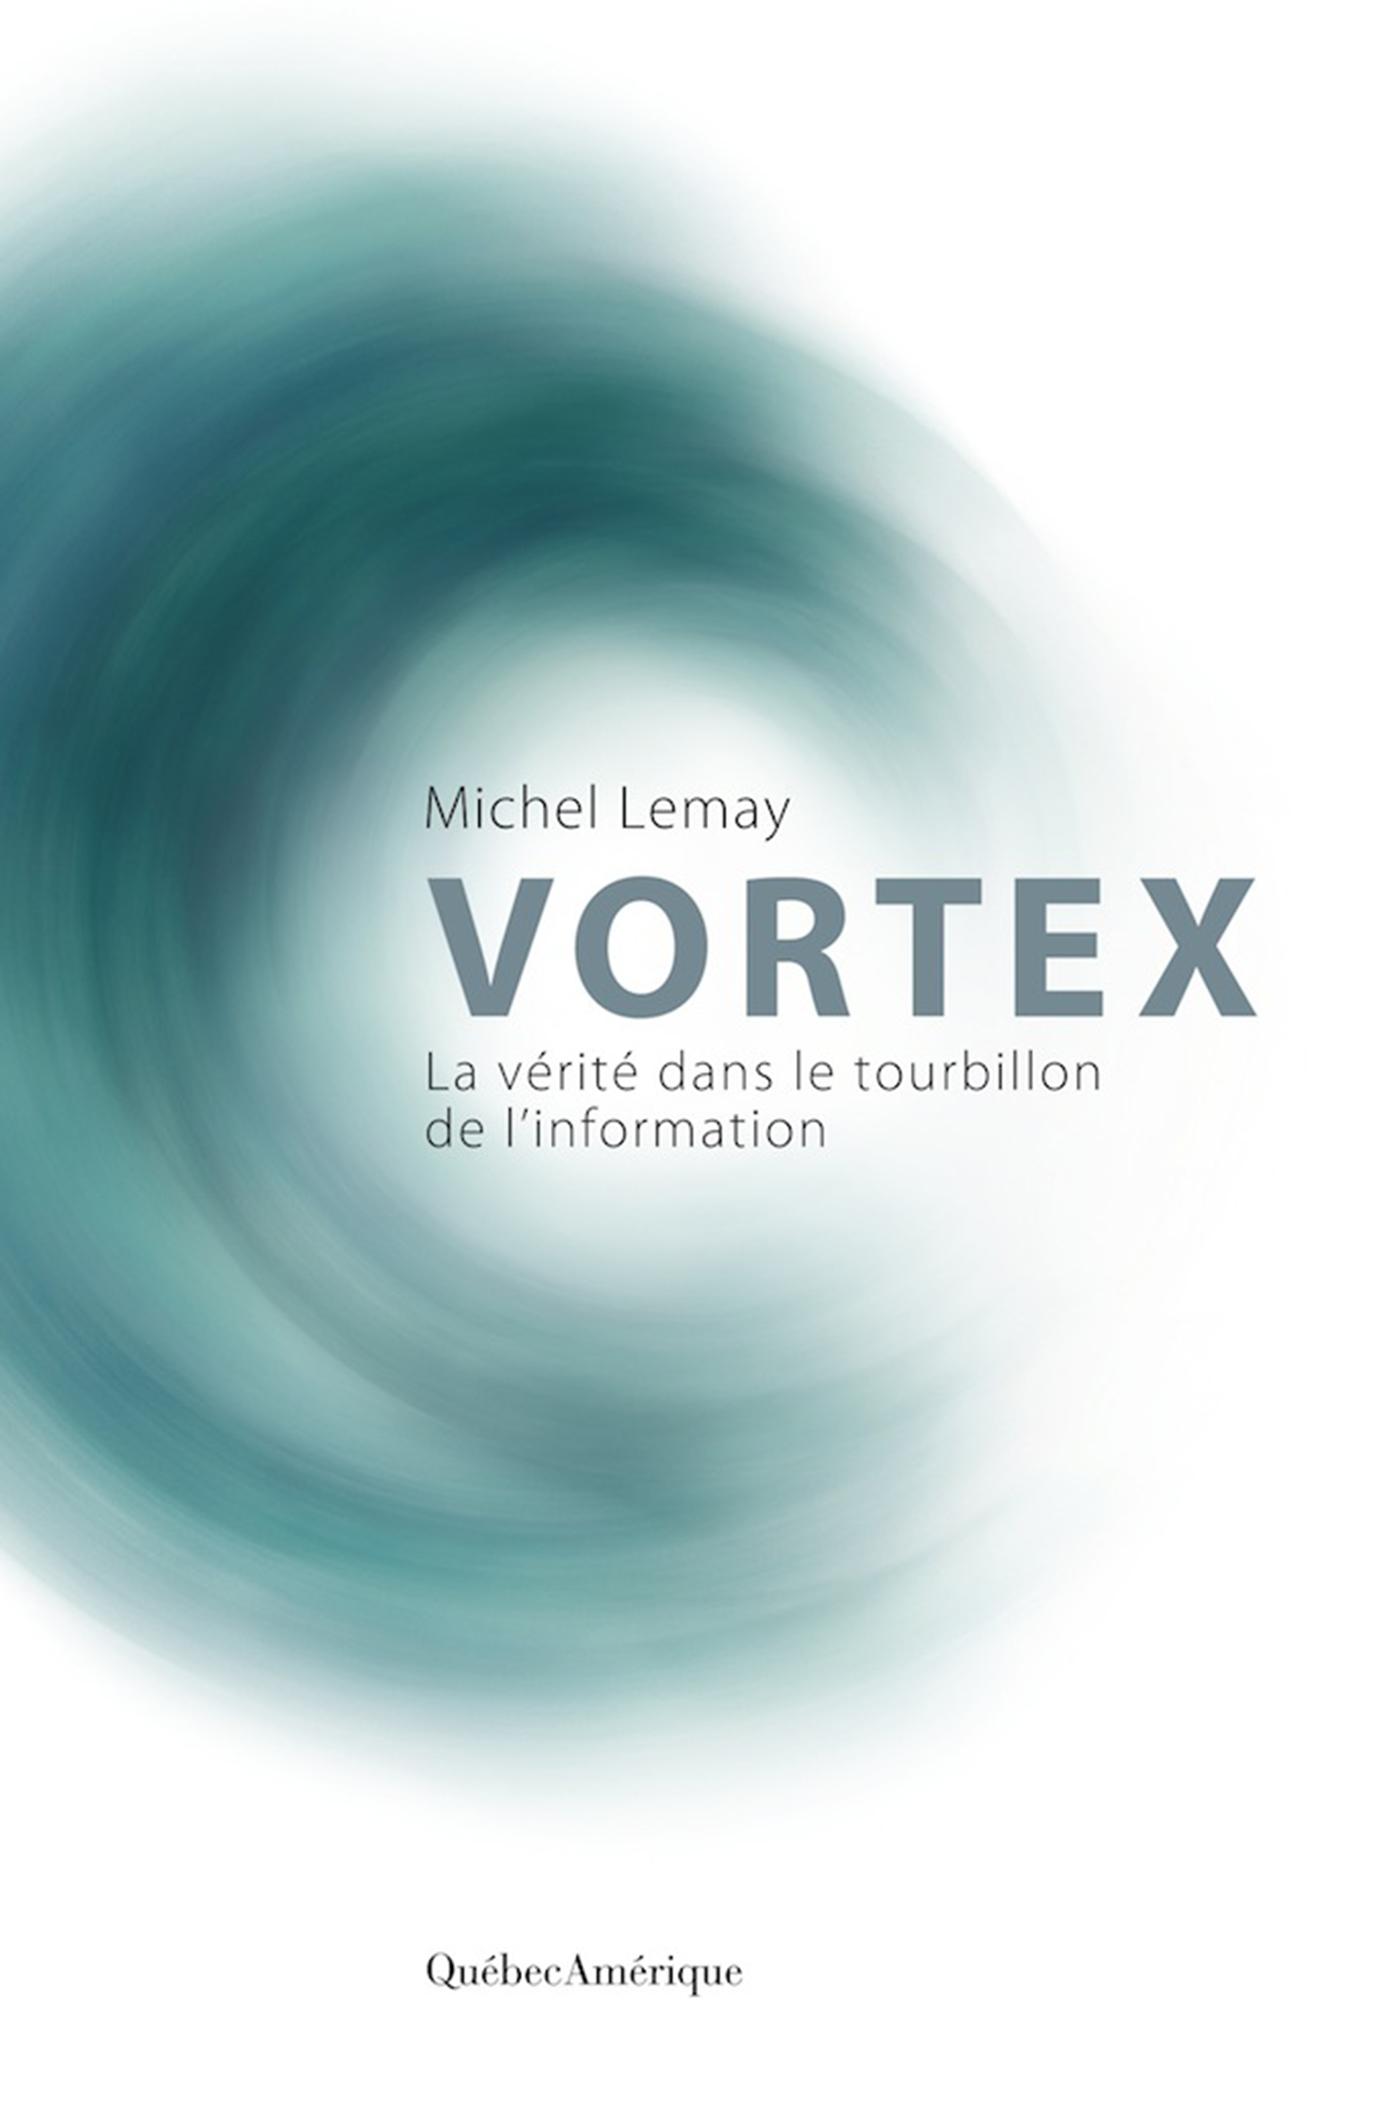 Couverture : Vortex: la vérité dans le tourbillon de l'information Michel Lemay